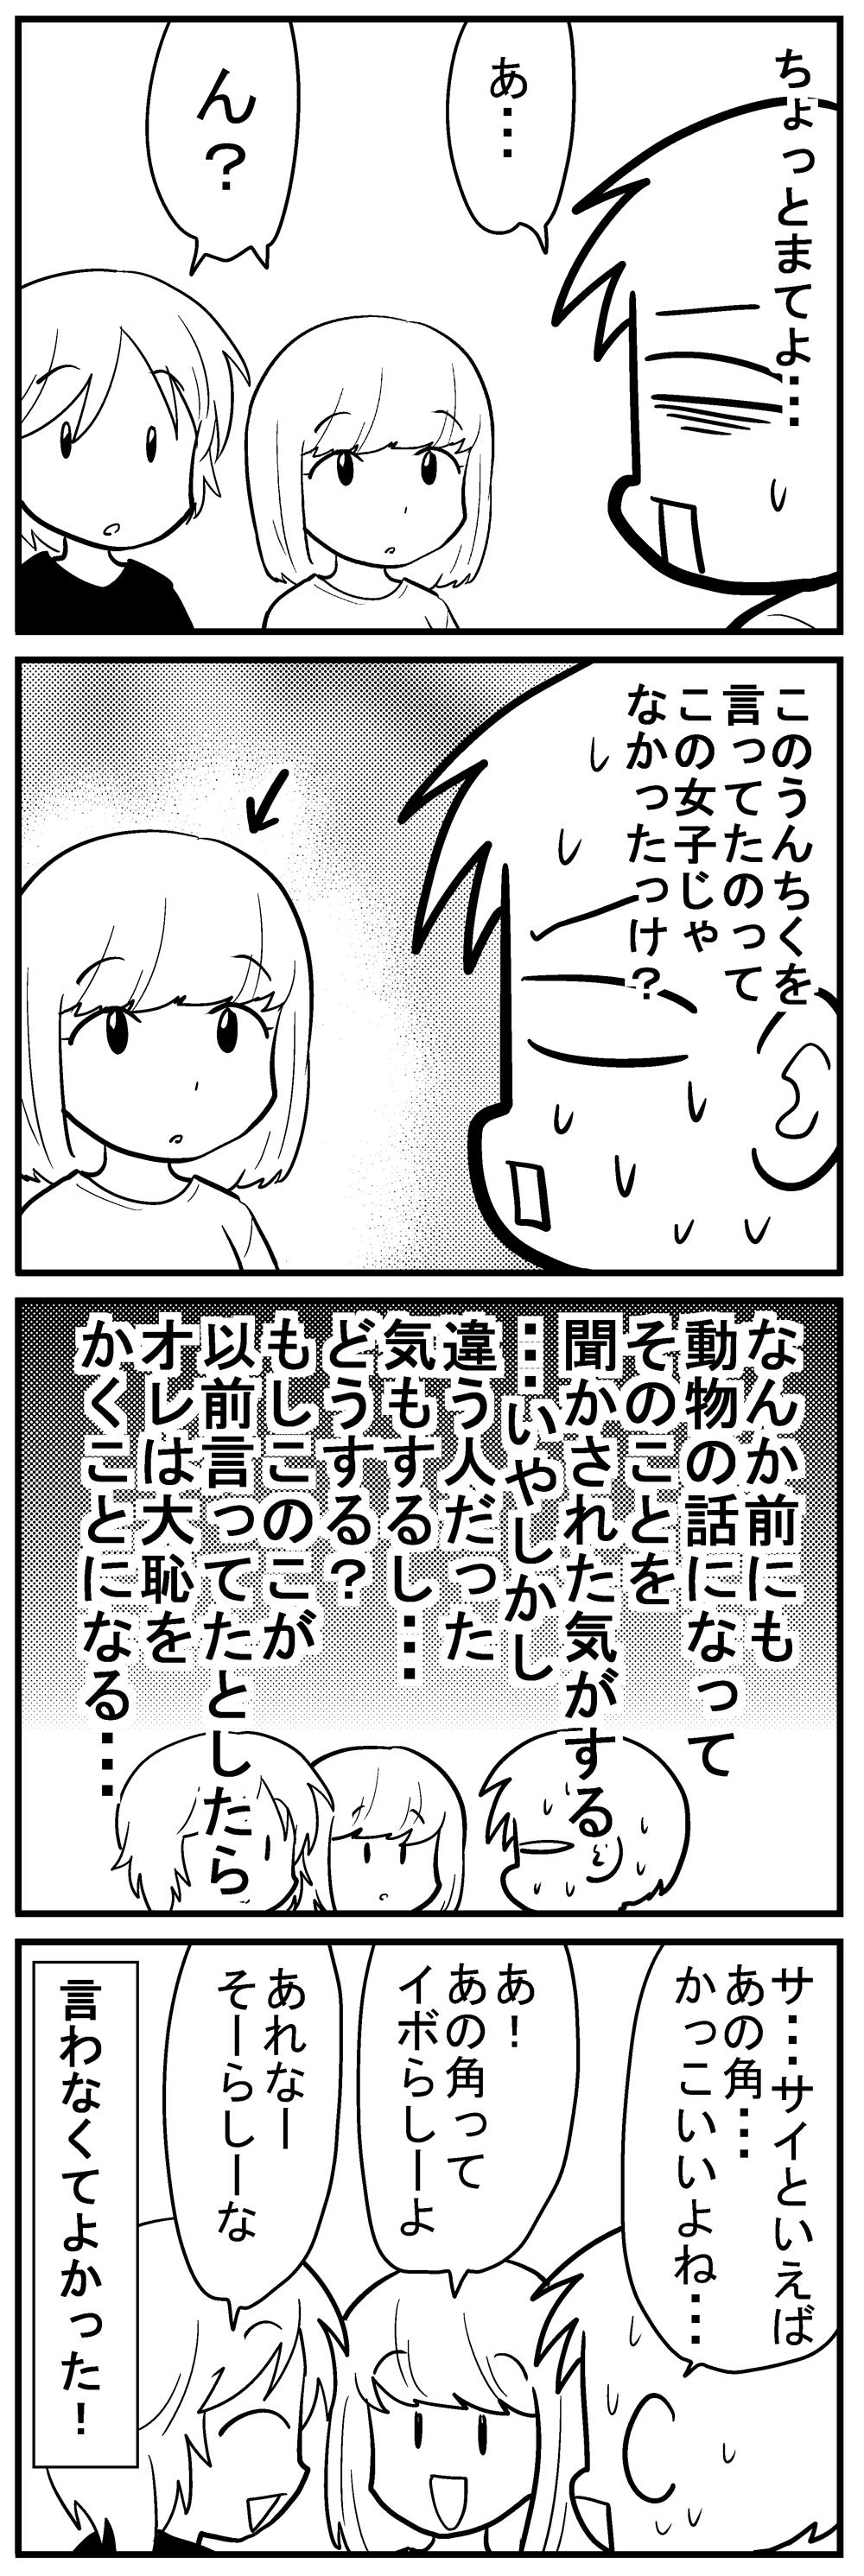 深読みくん84-2